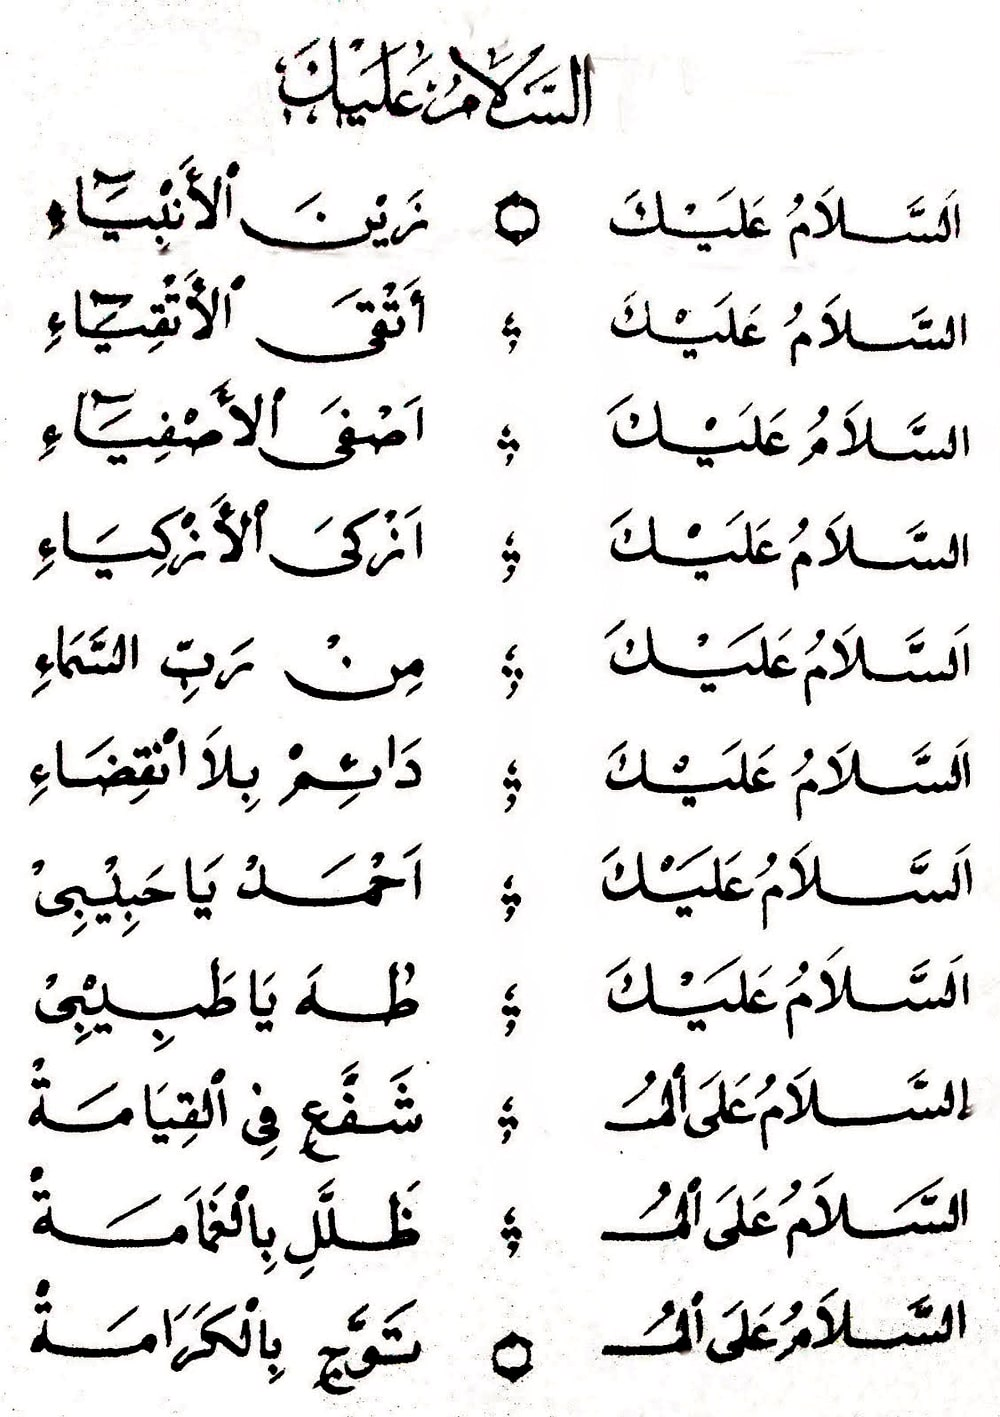 assalamualaika-zainal-anbiya'-arab